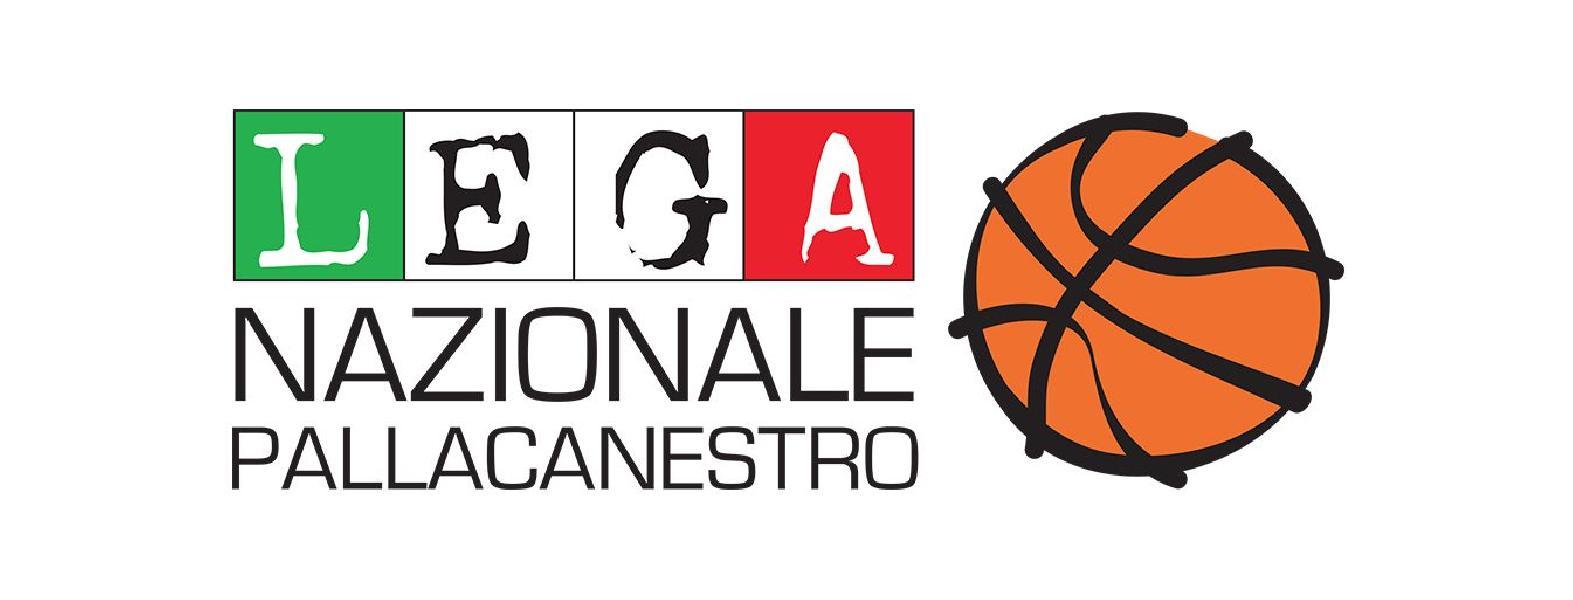 https://www.basketmarche.it/immagini_articoli/15-05-2019/montecatini-ospitare-final-four-serie-prossimi-giugno-600.jpg